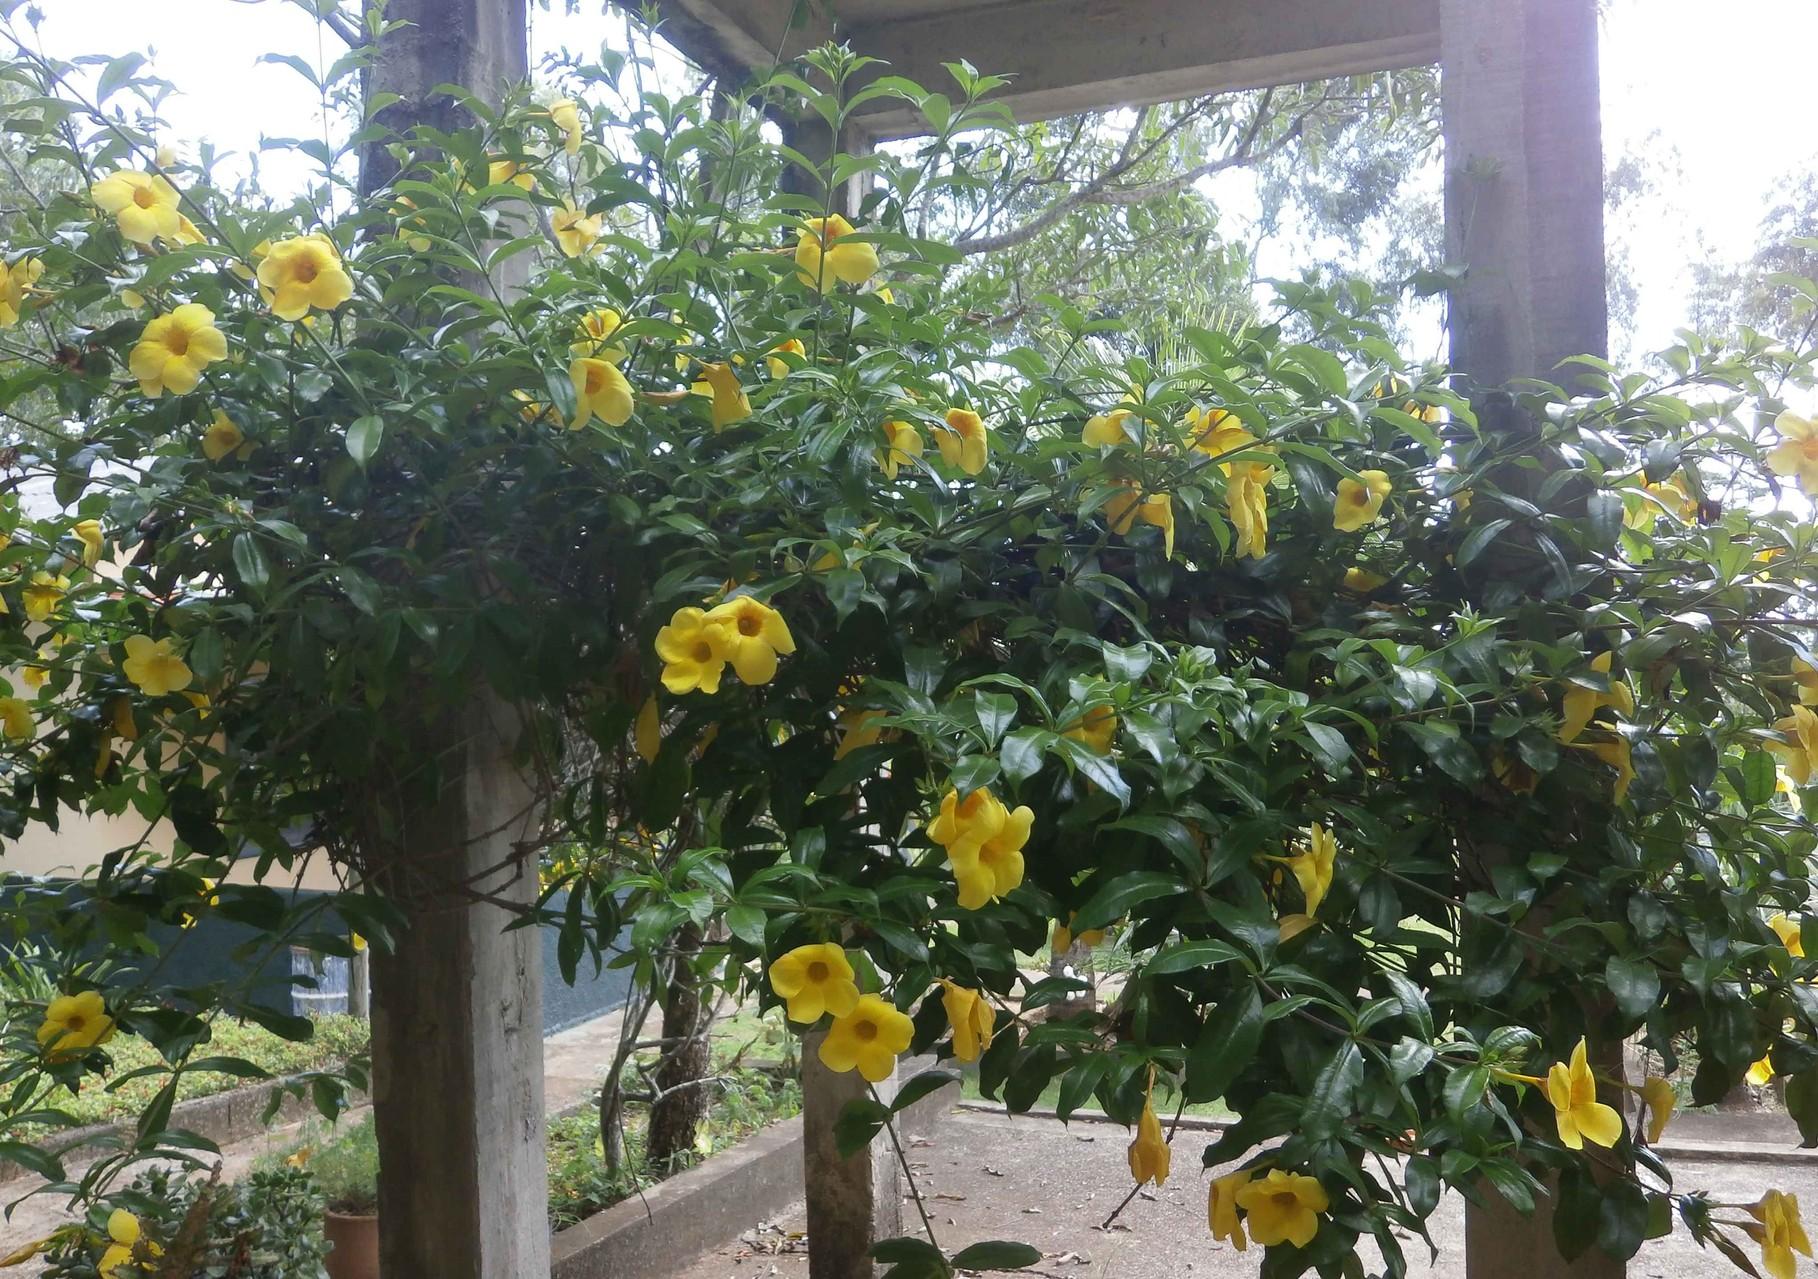 養蜂園の水場に毎年咲く黄色い花